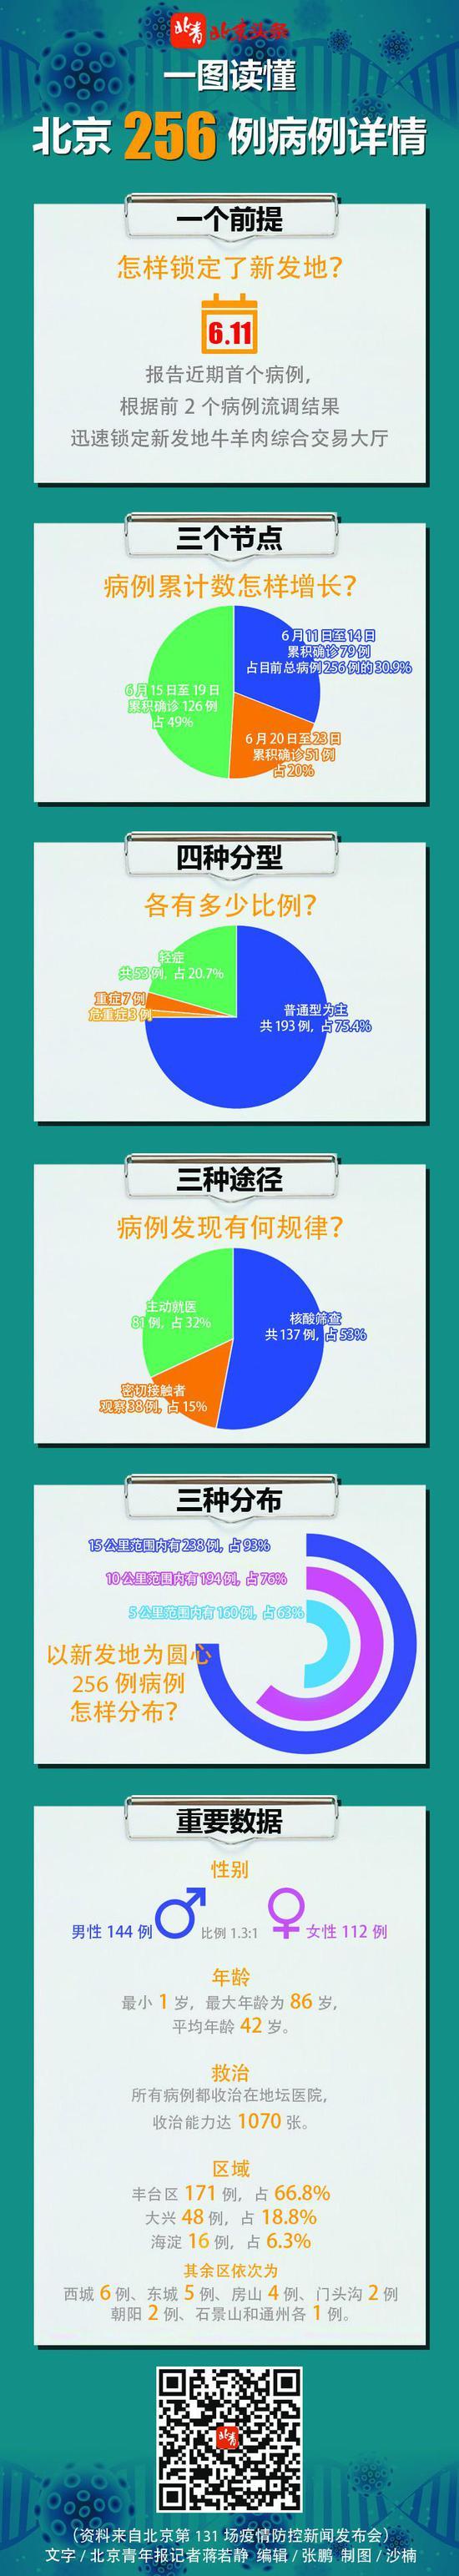 摩天娱乐:读懂北京256例病摩天娱乐例详情图片